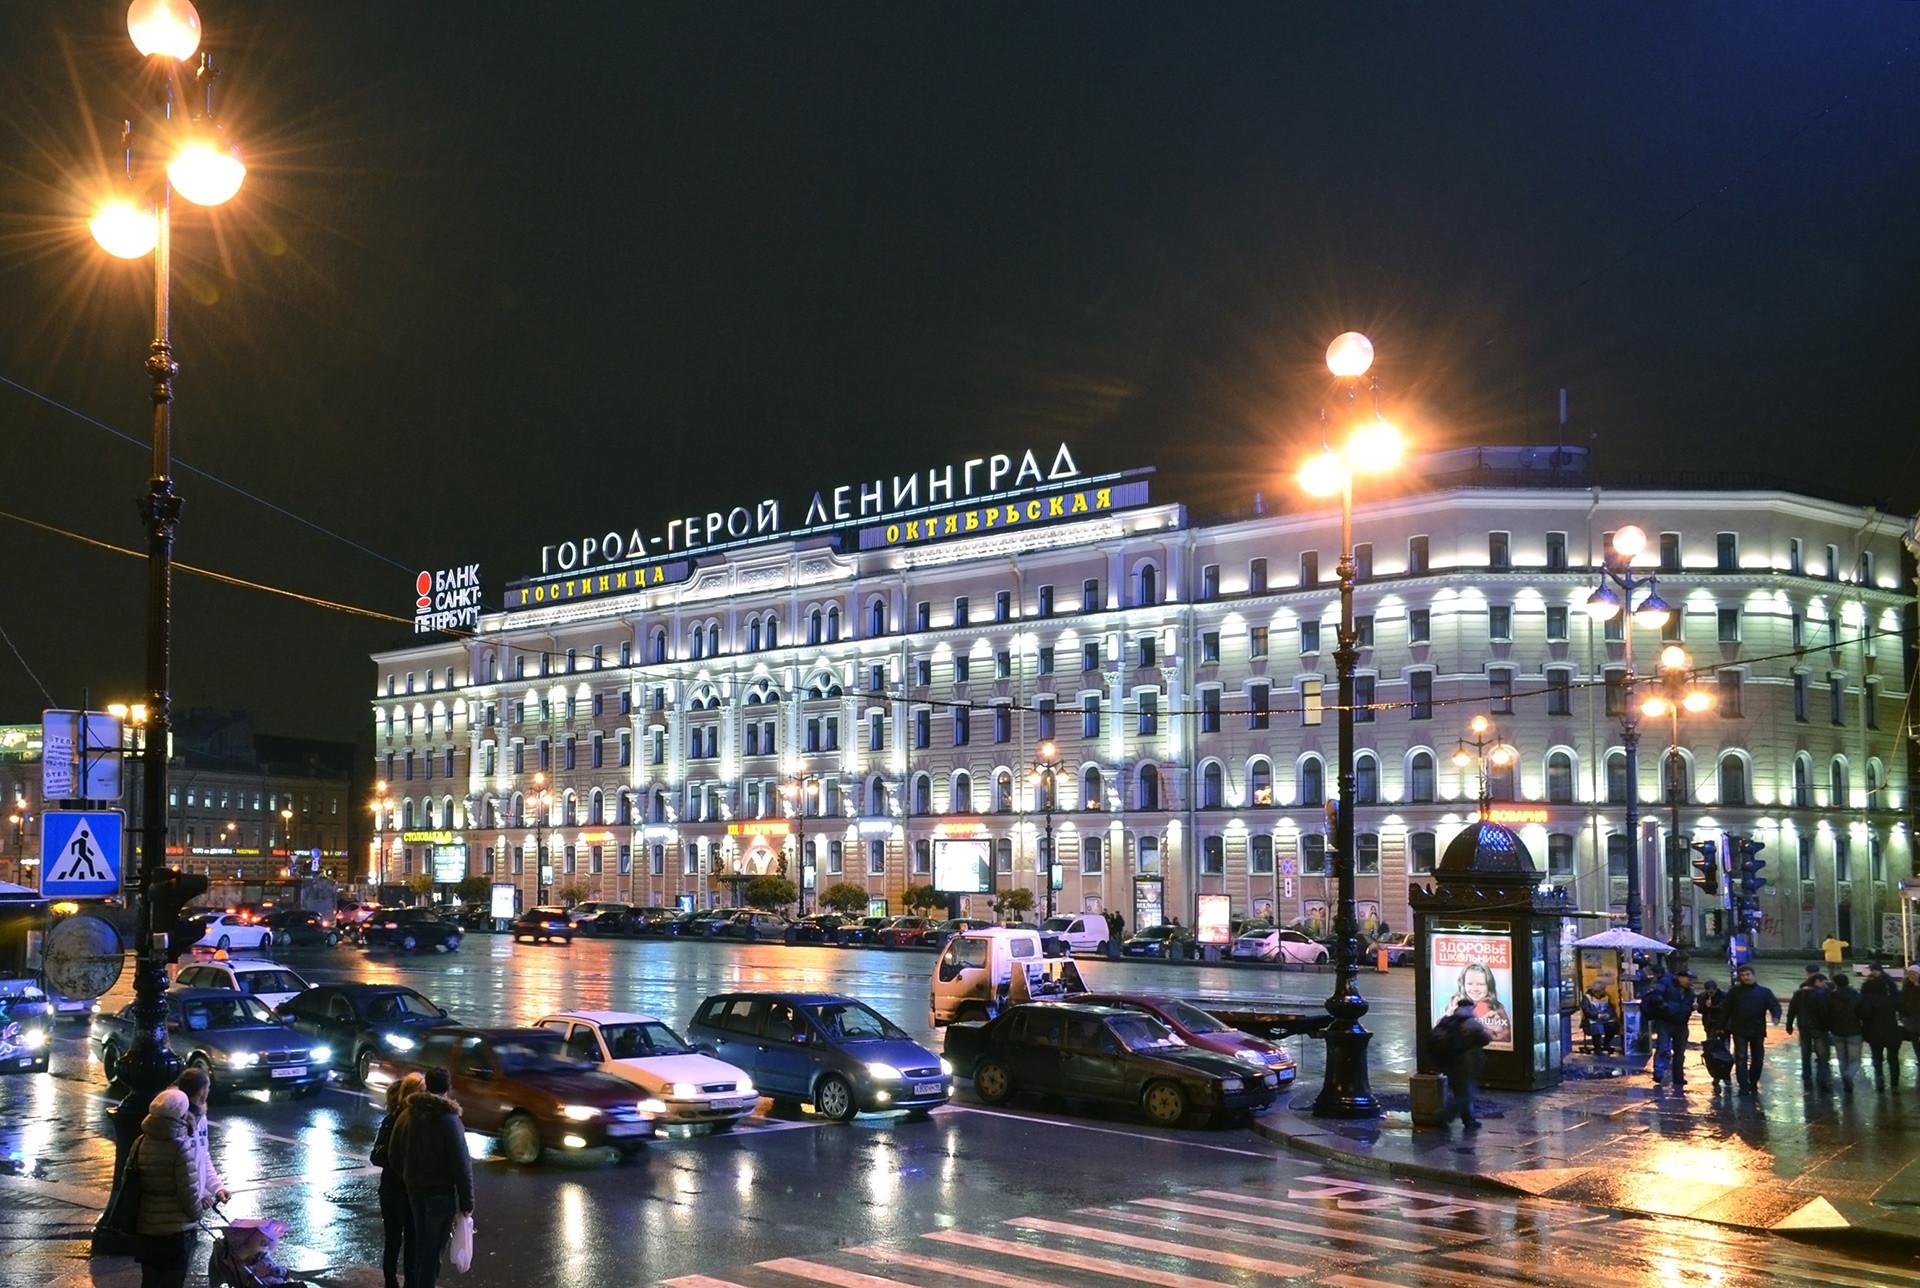 Bis zum 17. November 1918 hieß der Sankt Petersburger Ploschtschad Wosstanija (Platz des Auftands) am Moskauer Bahnhof Znamenskaja. Viele Demonstrationen der Februarrevolution hatten hier stattgefunden.